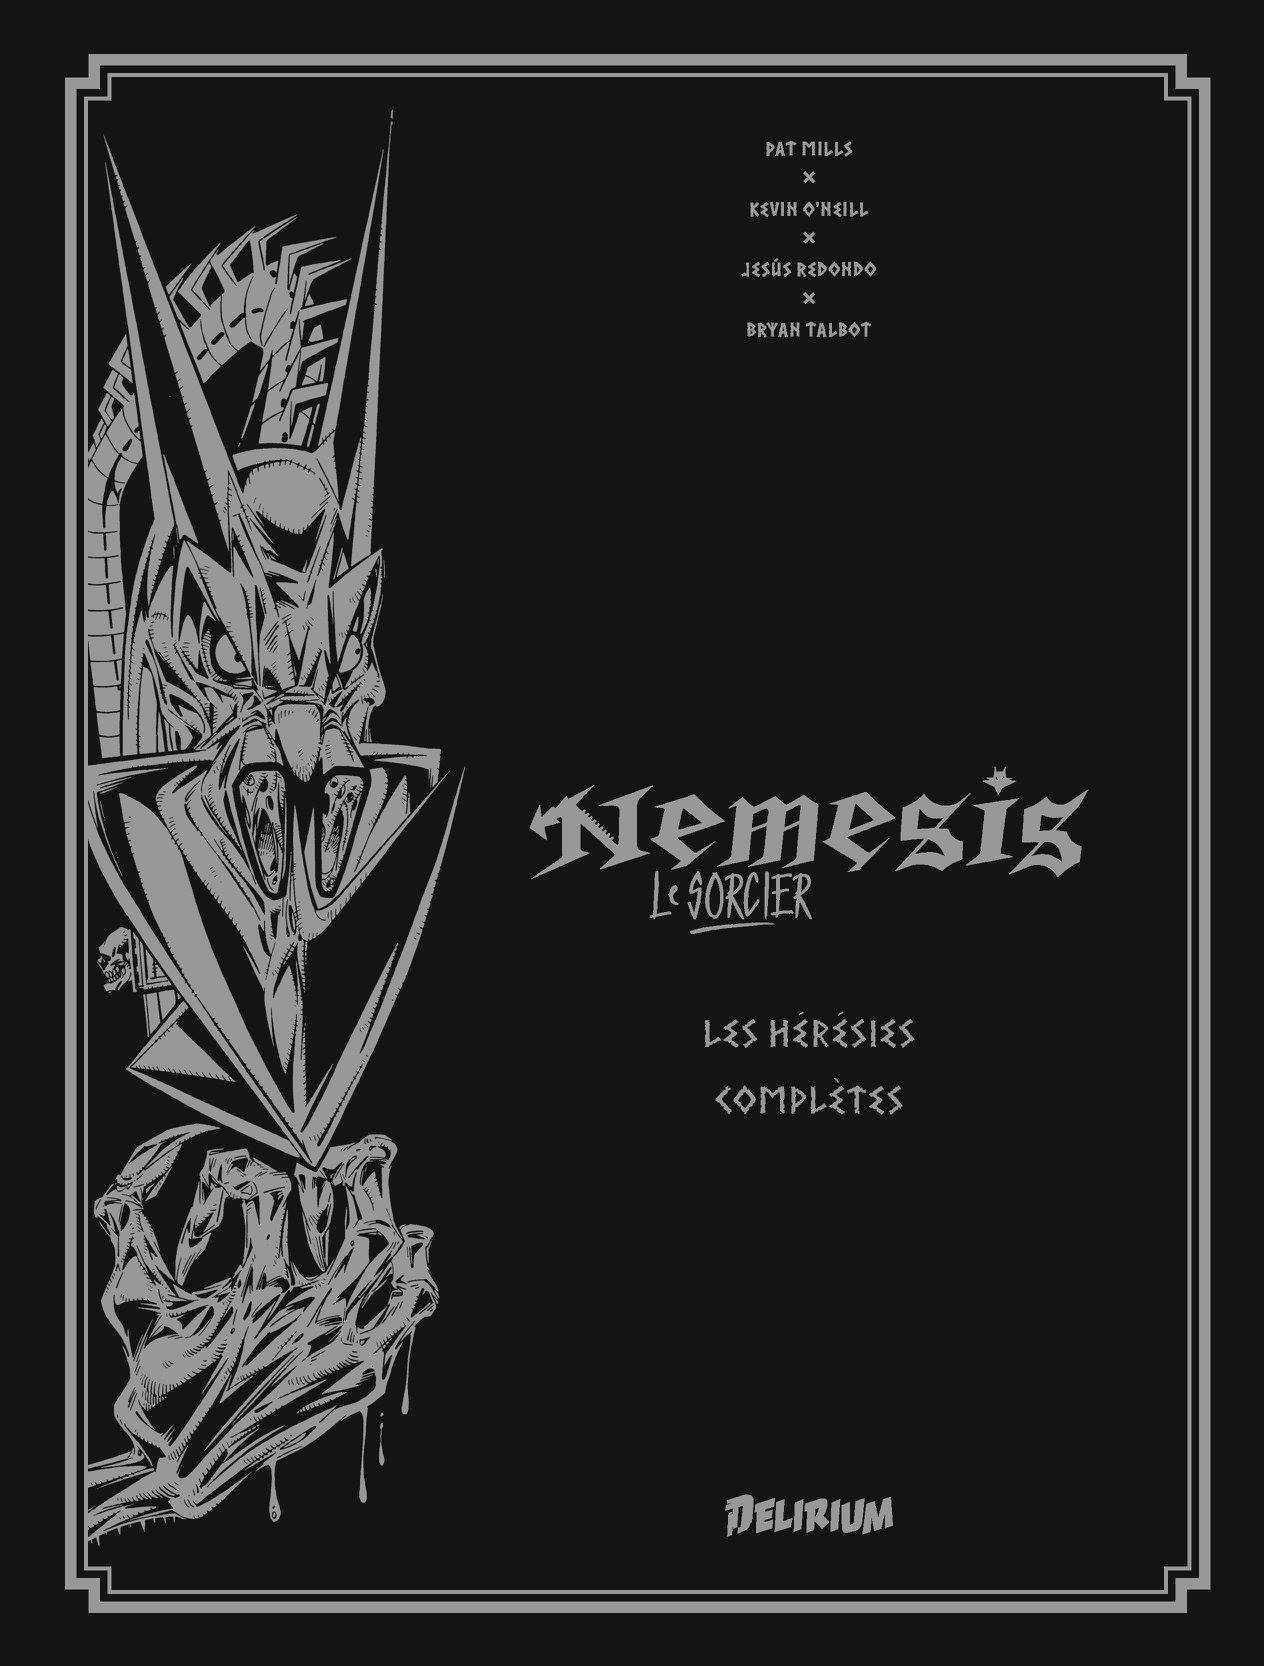 Nemesis le sorcier, délire sur Termight avec Delirium